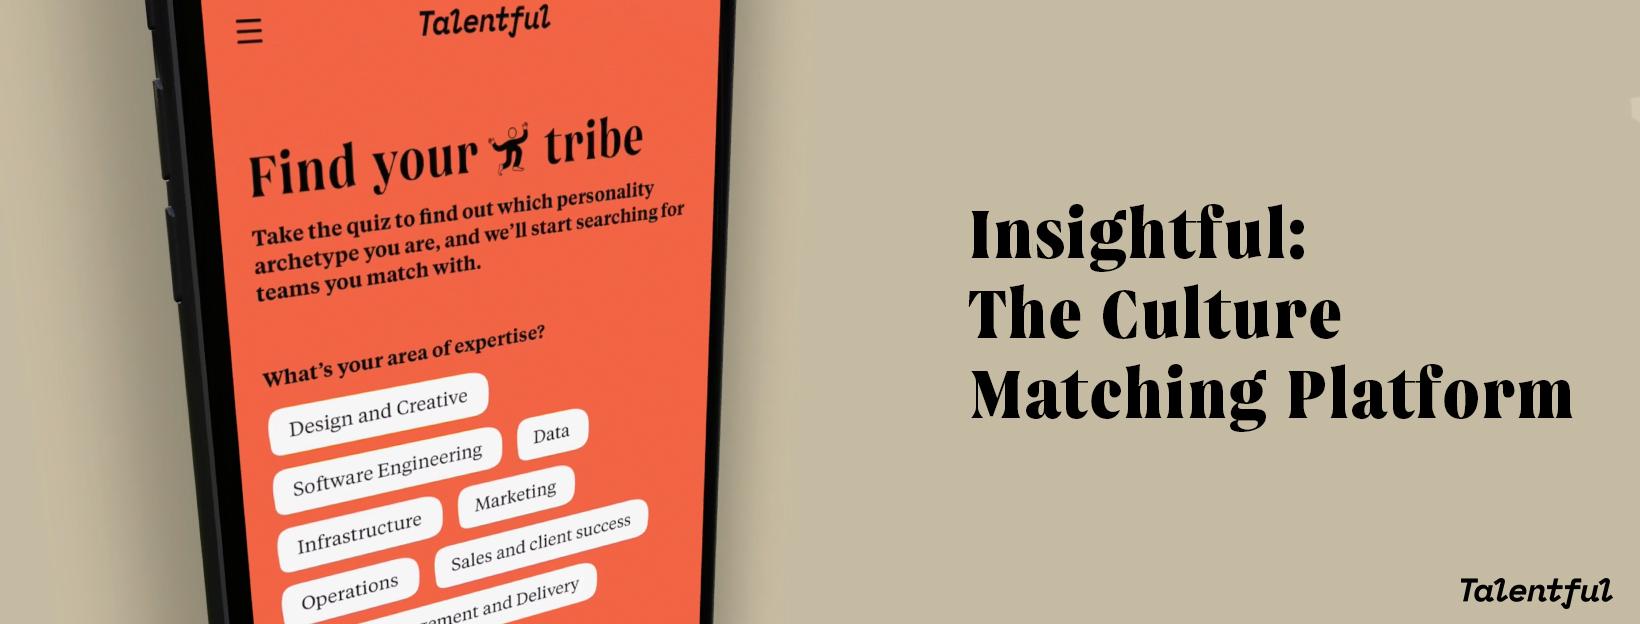 Talentful's 'Insightful' Personality Matching Platform